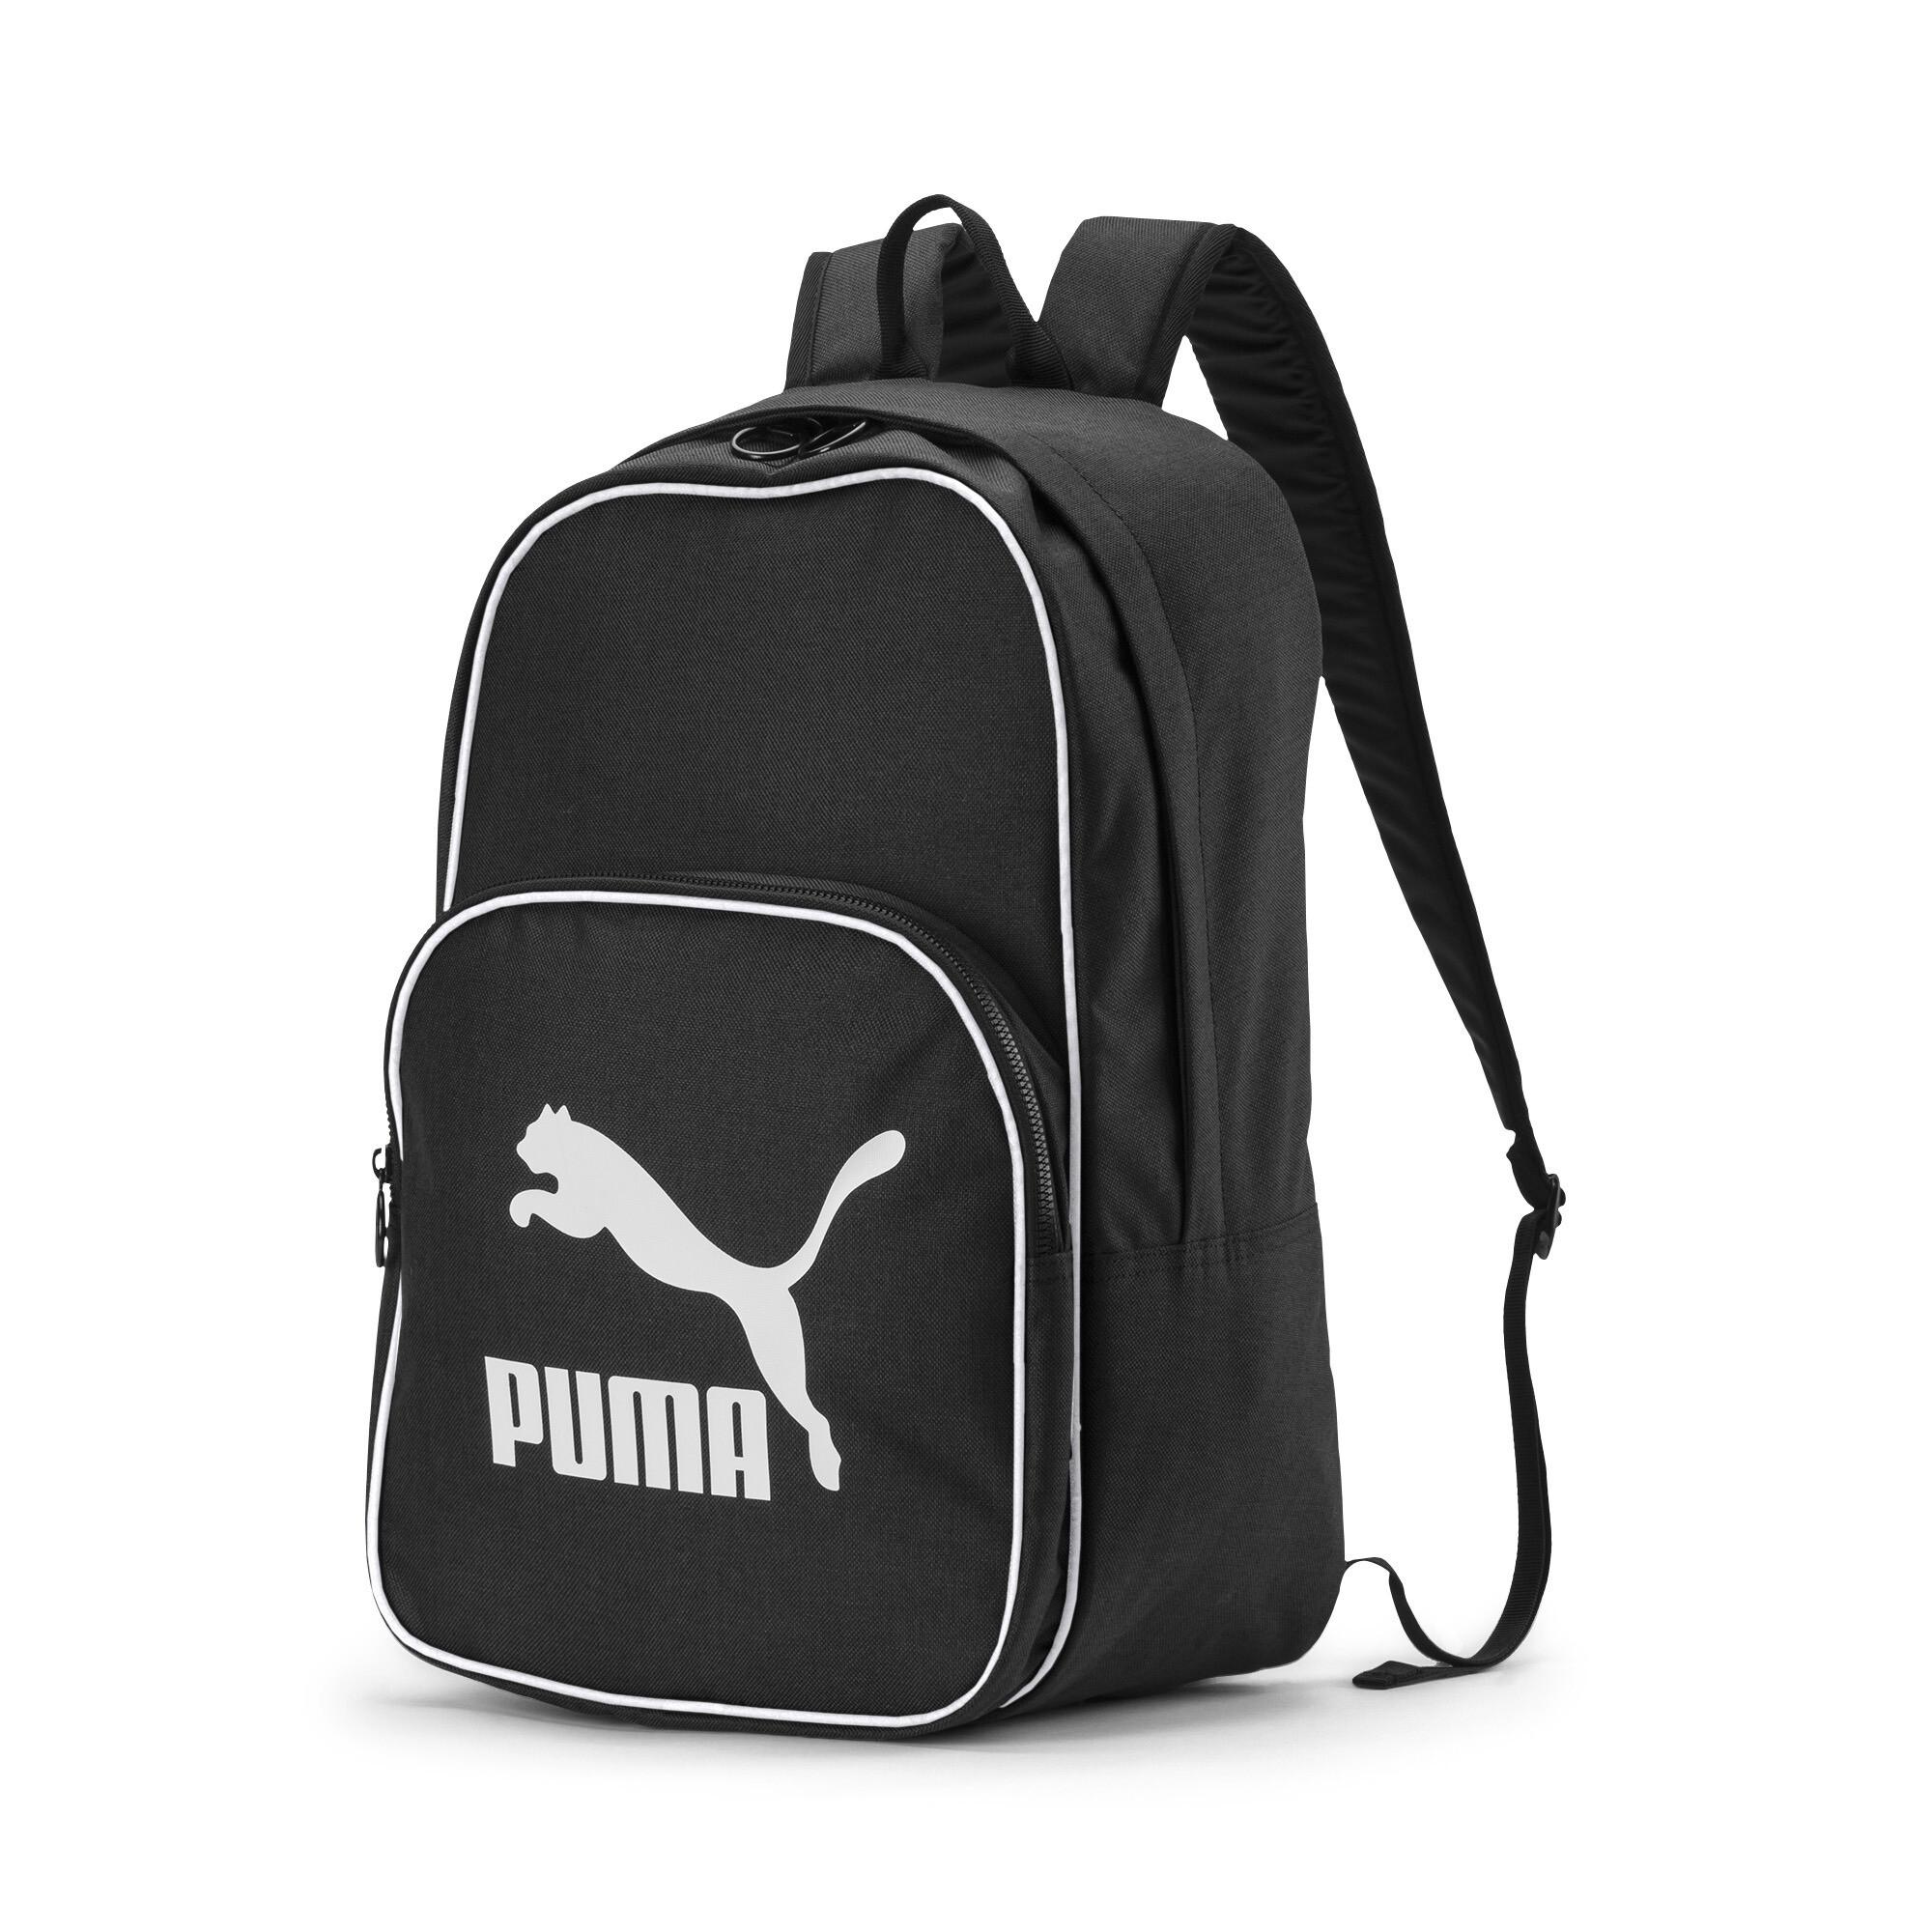 プーマ オリジナルス バックパック レトロ ウーブン (23L) ユニセックス Puma Black